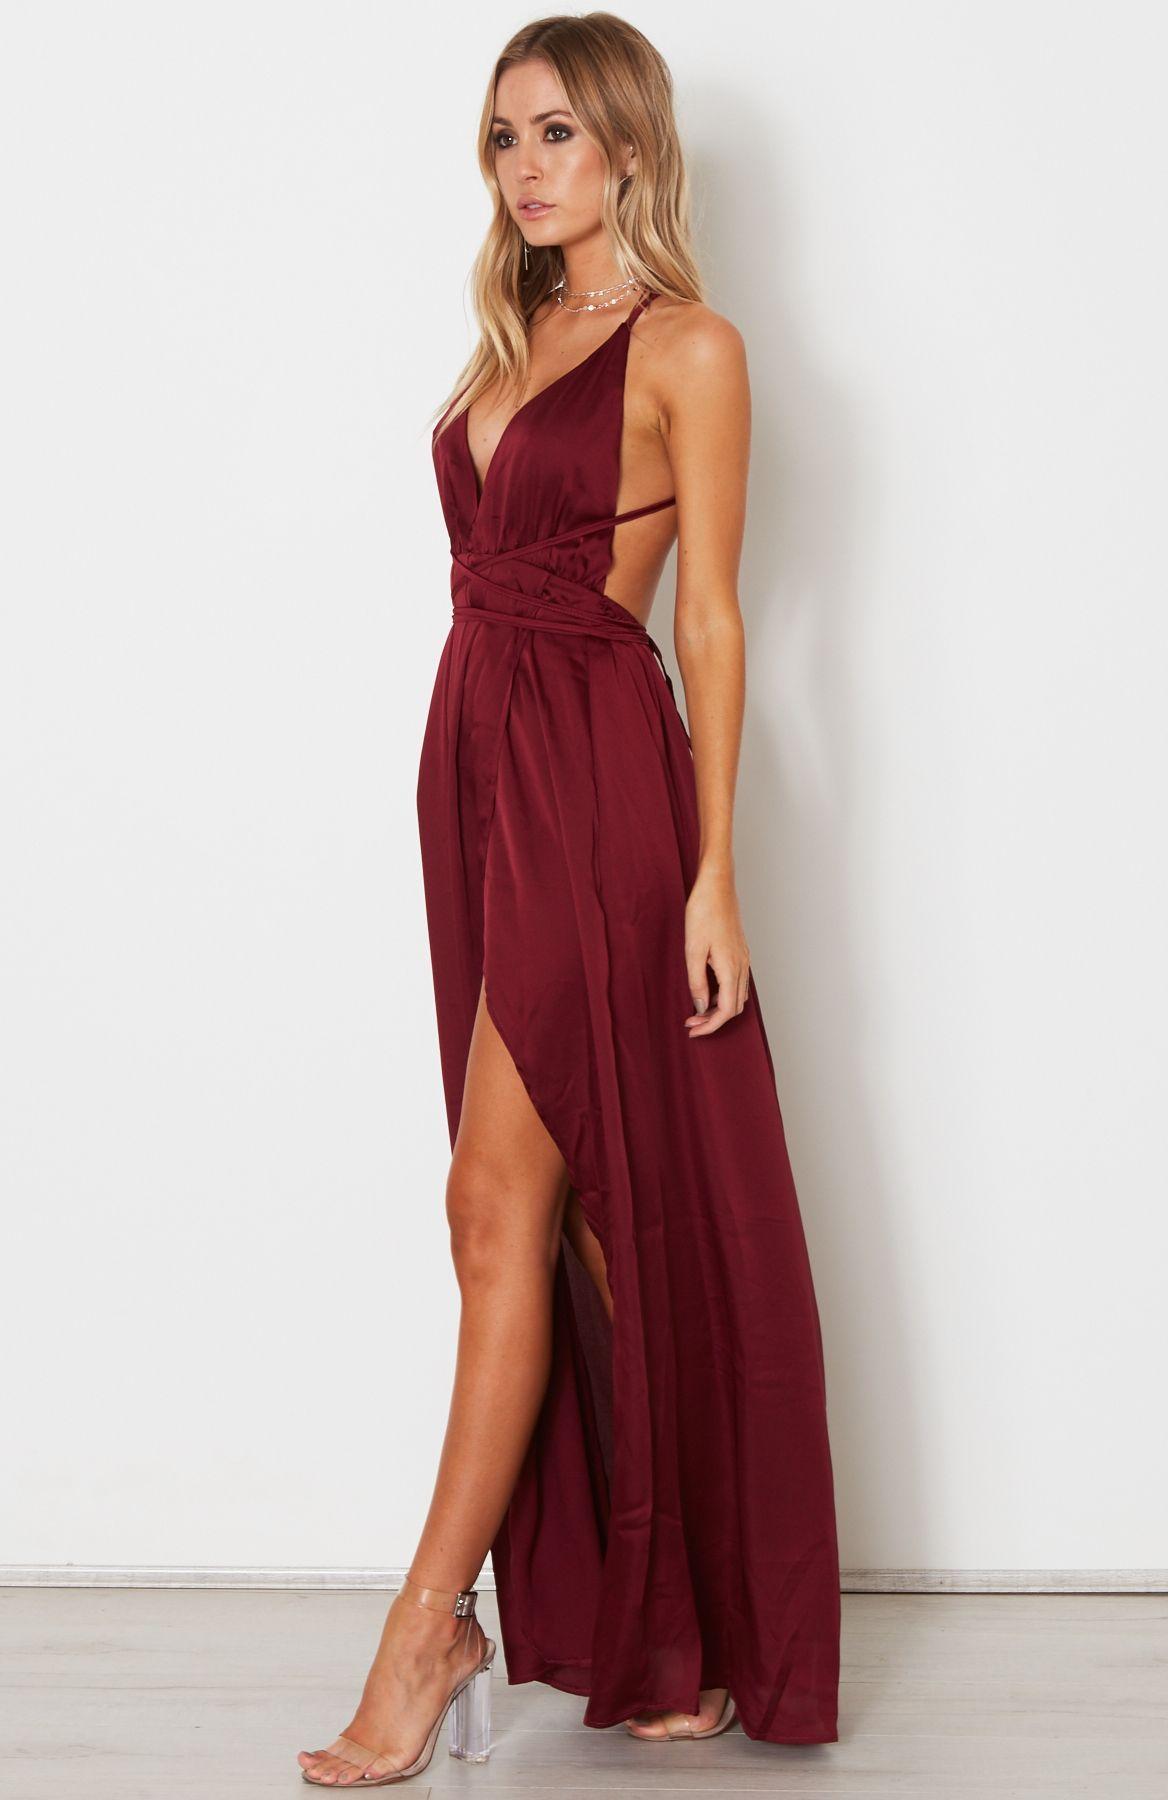 Halter neck straps deep v neck burgundy prom dresses with high side